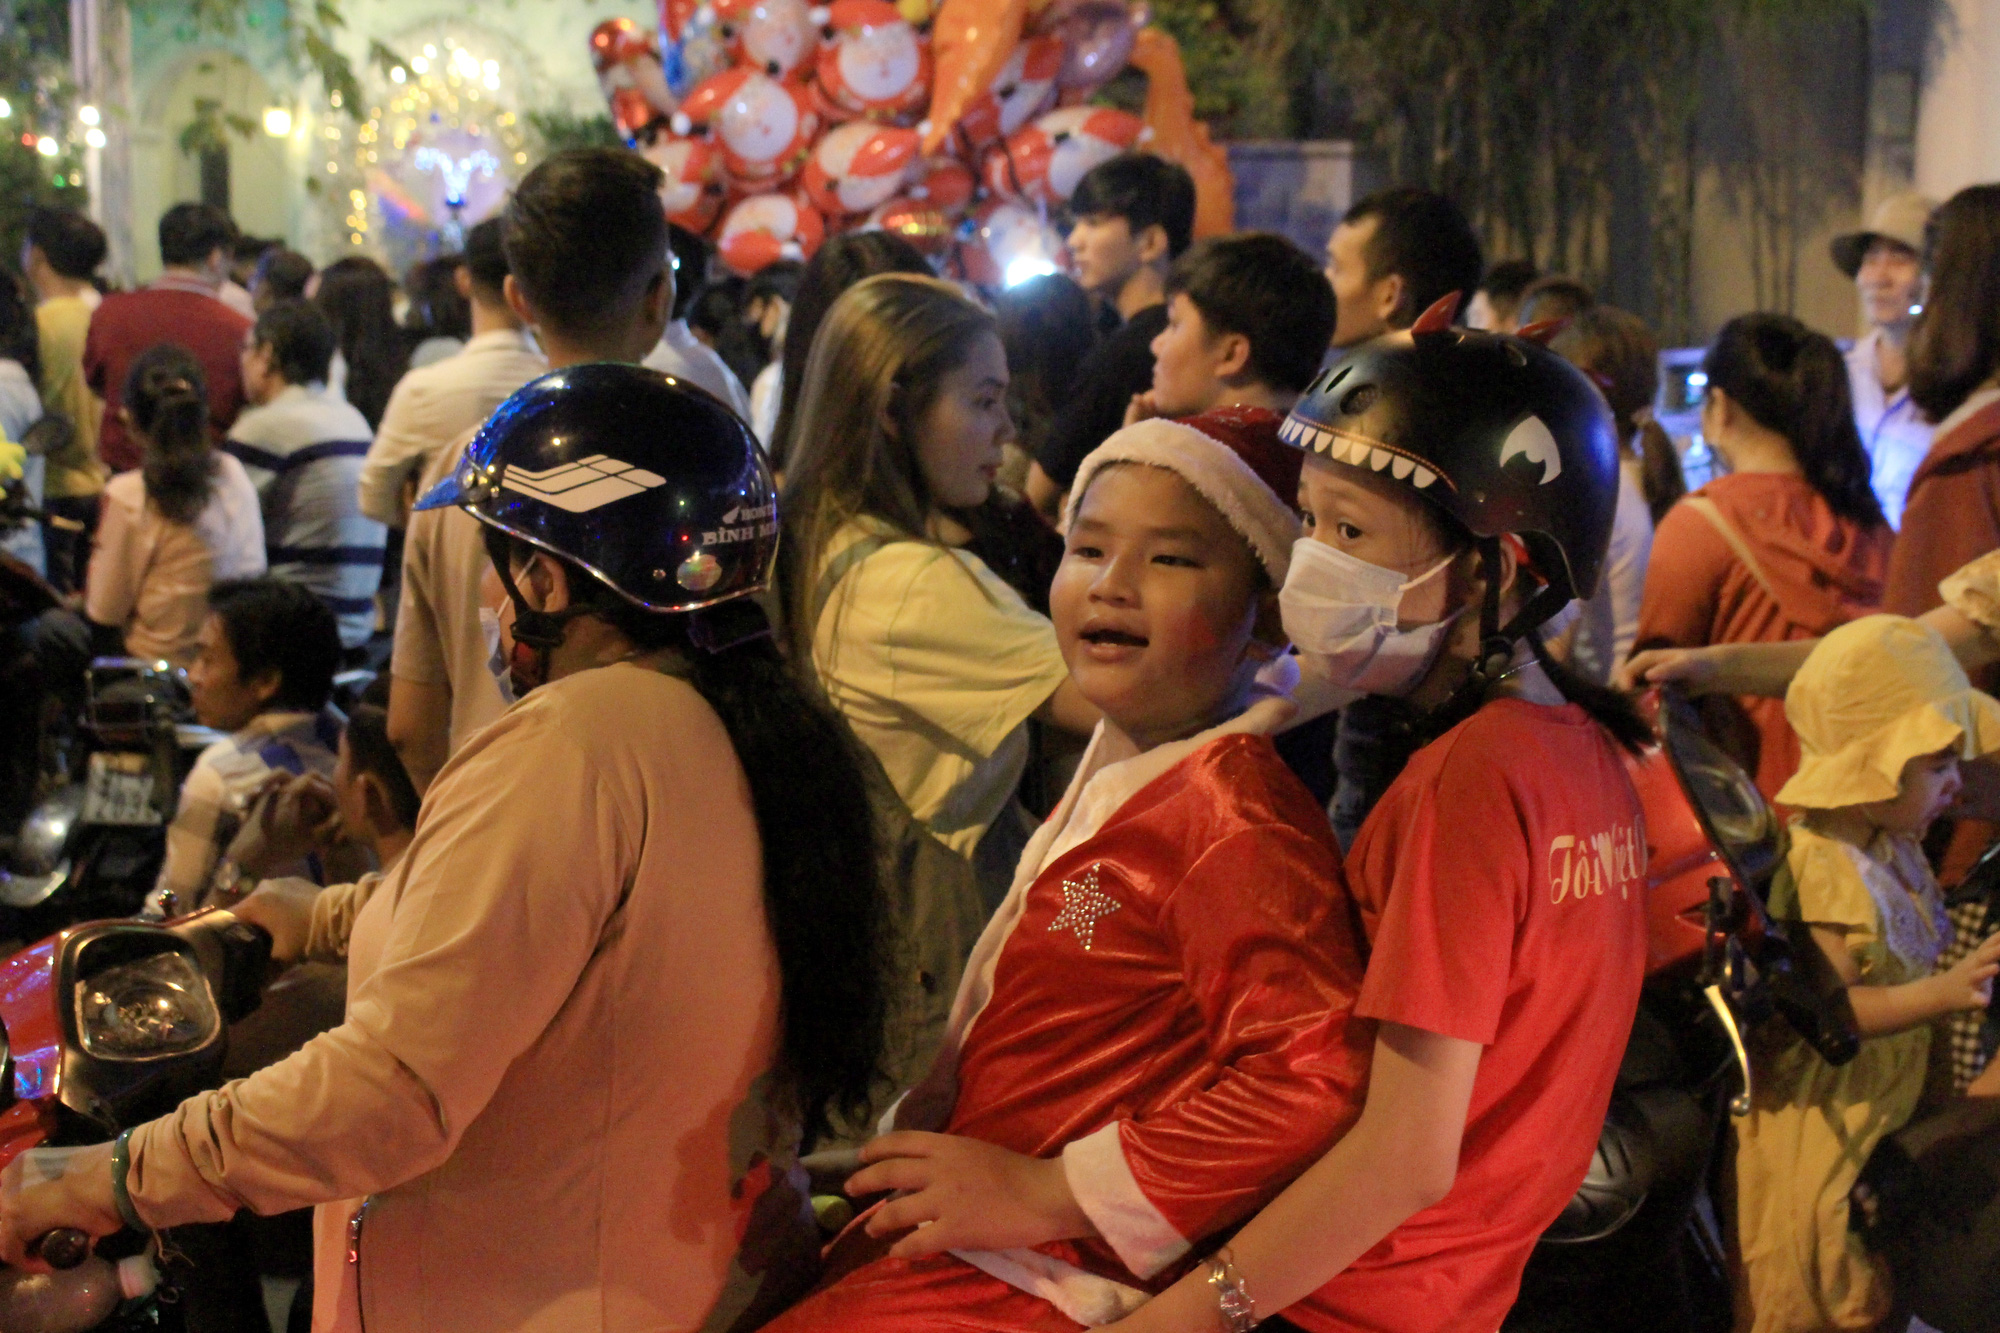 Đường Sài Gòn tắc nghẽn, người dân đổ xô đi chơi Giáng sinh - Ảnh 1.